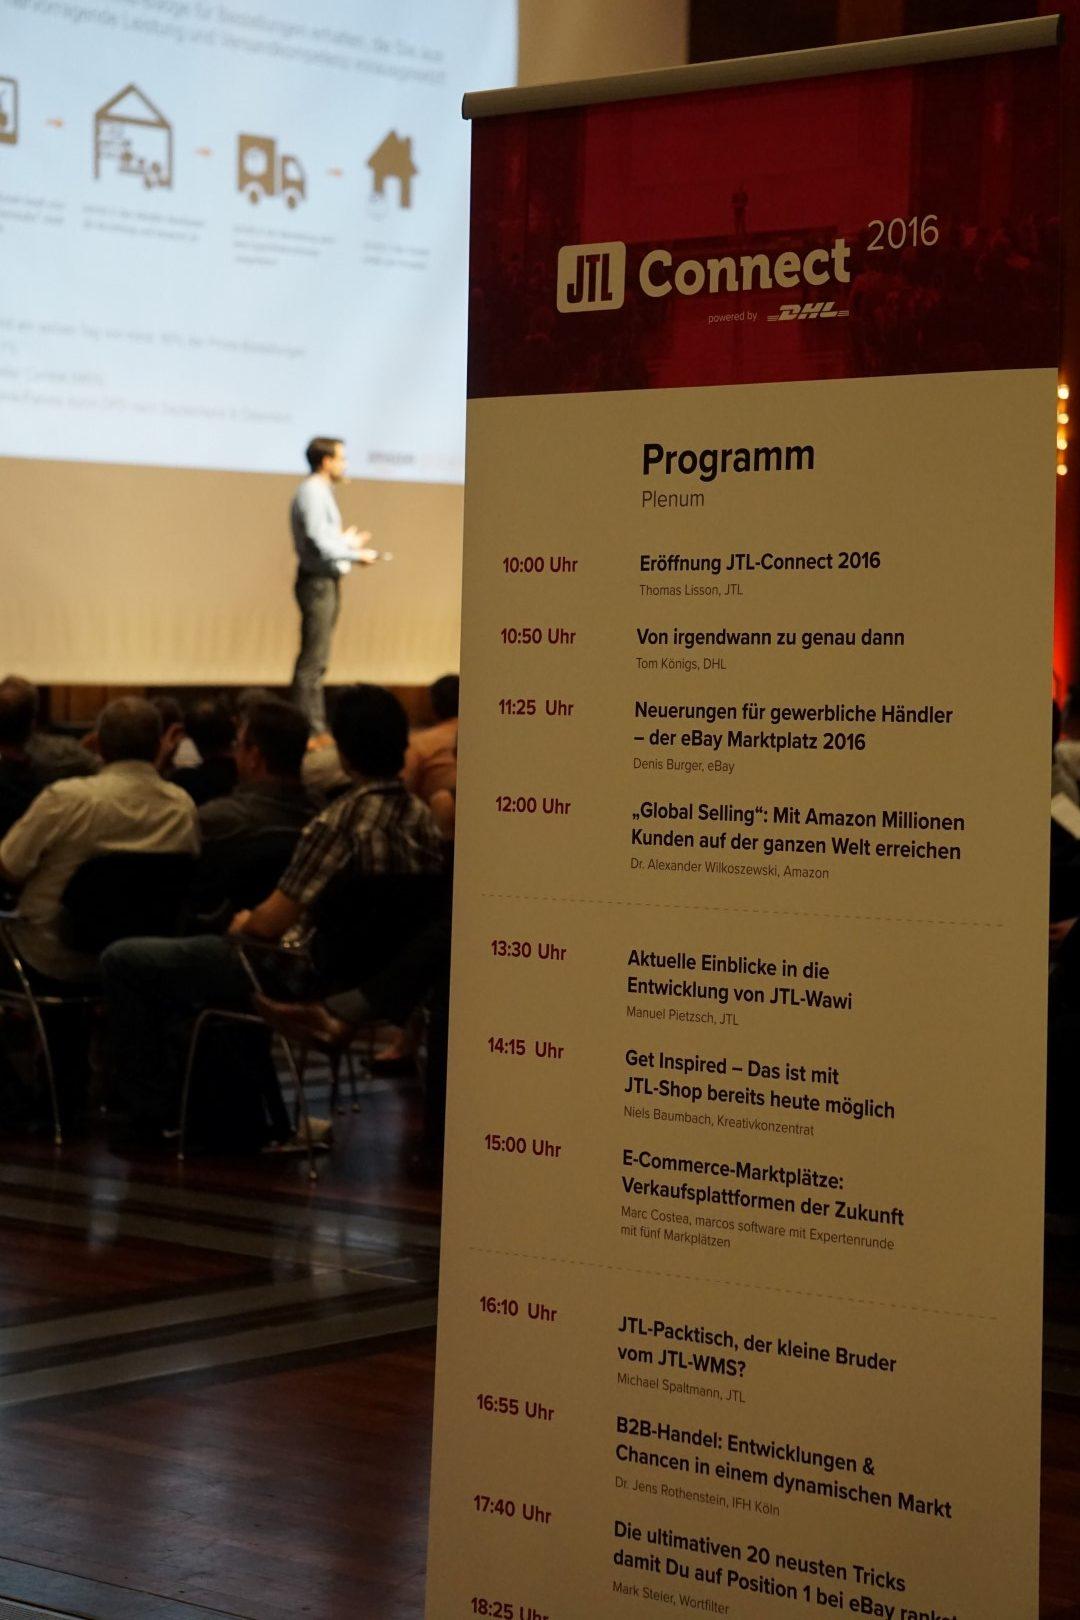 jtl connect 2016 agenda und programm